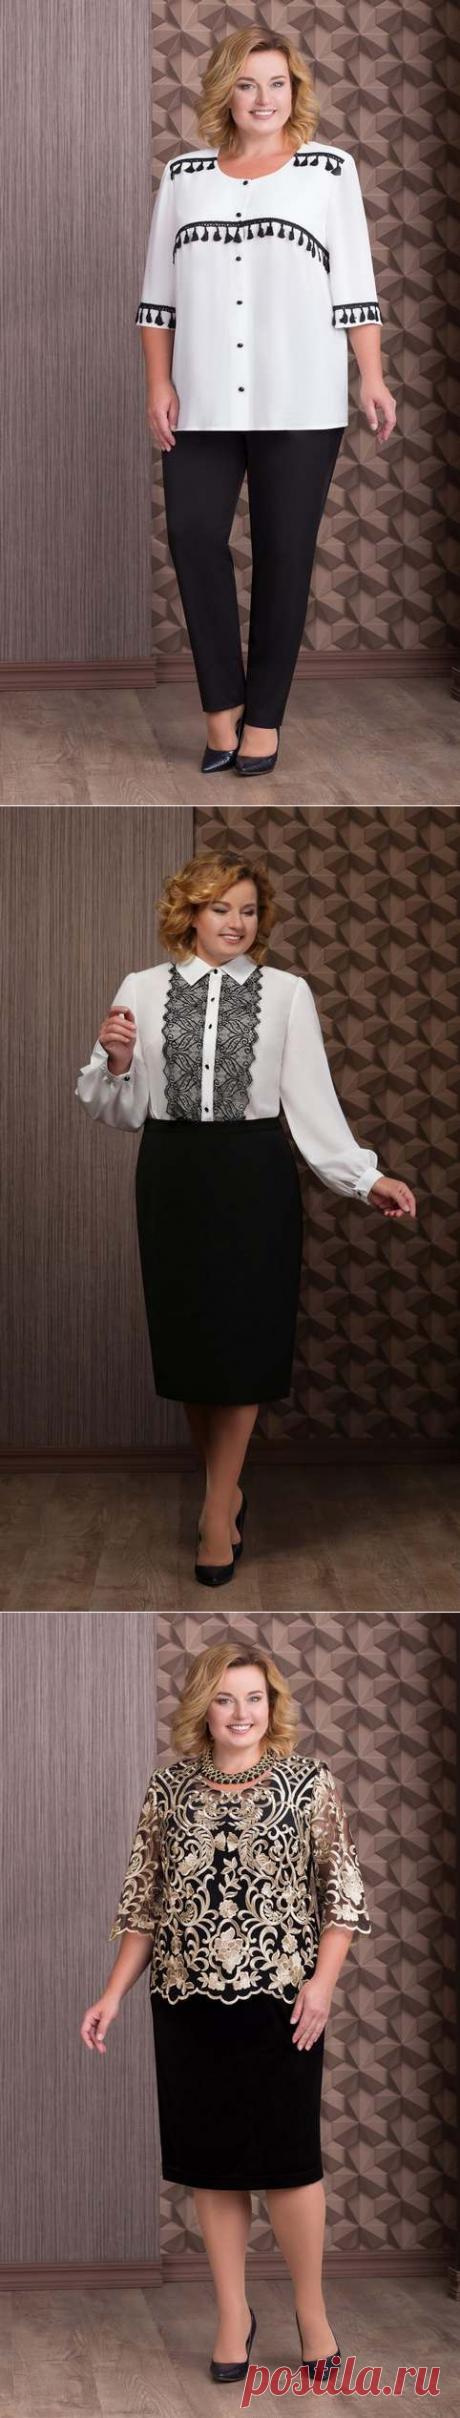 Коллекция шикарной одежды для полных женщин белорусской компании Aira Style осень-зима 2018-2019